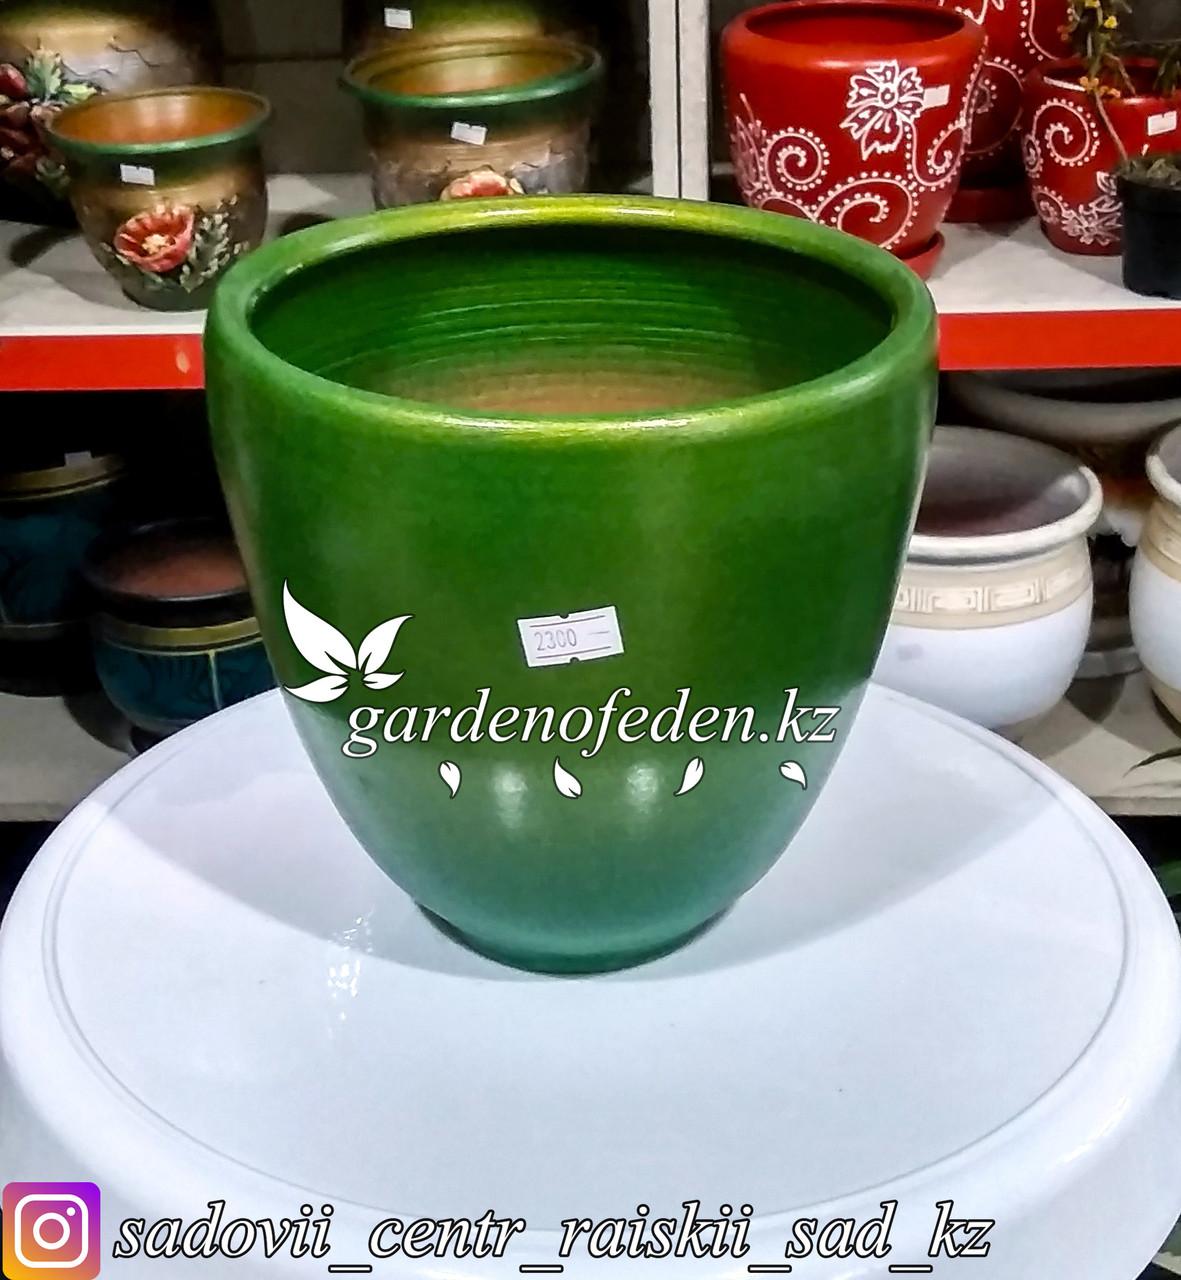 Керамический горшок для цветов. Объем: 2л. Цвет: Зеленый.